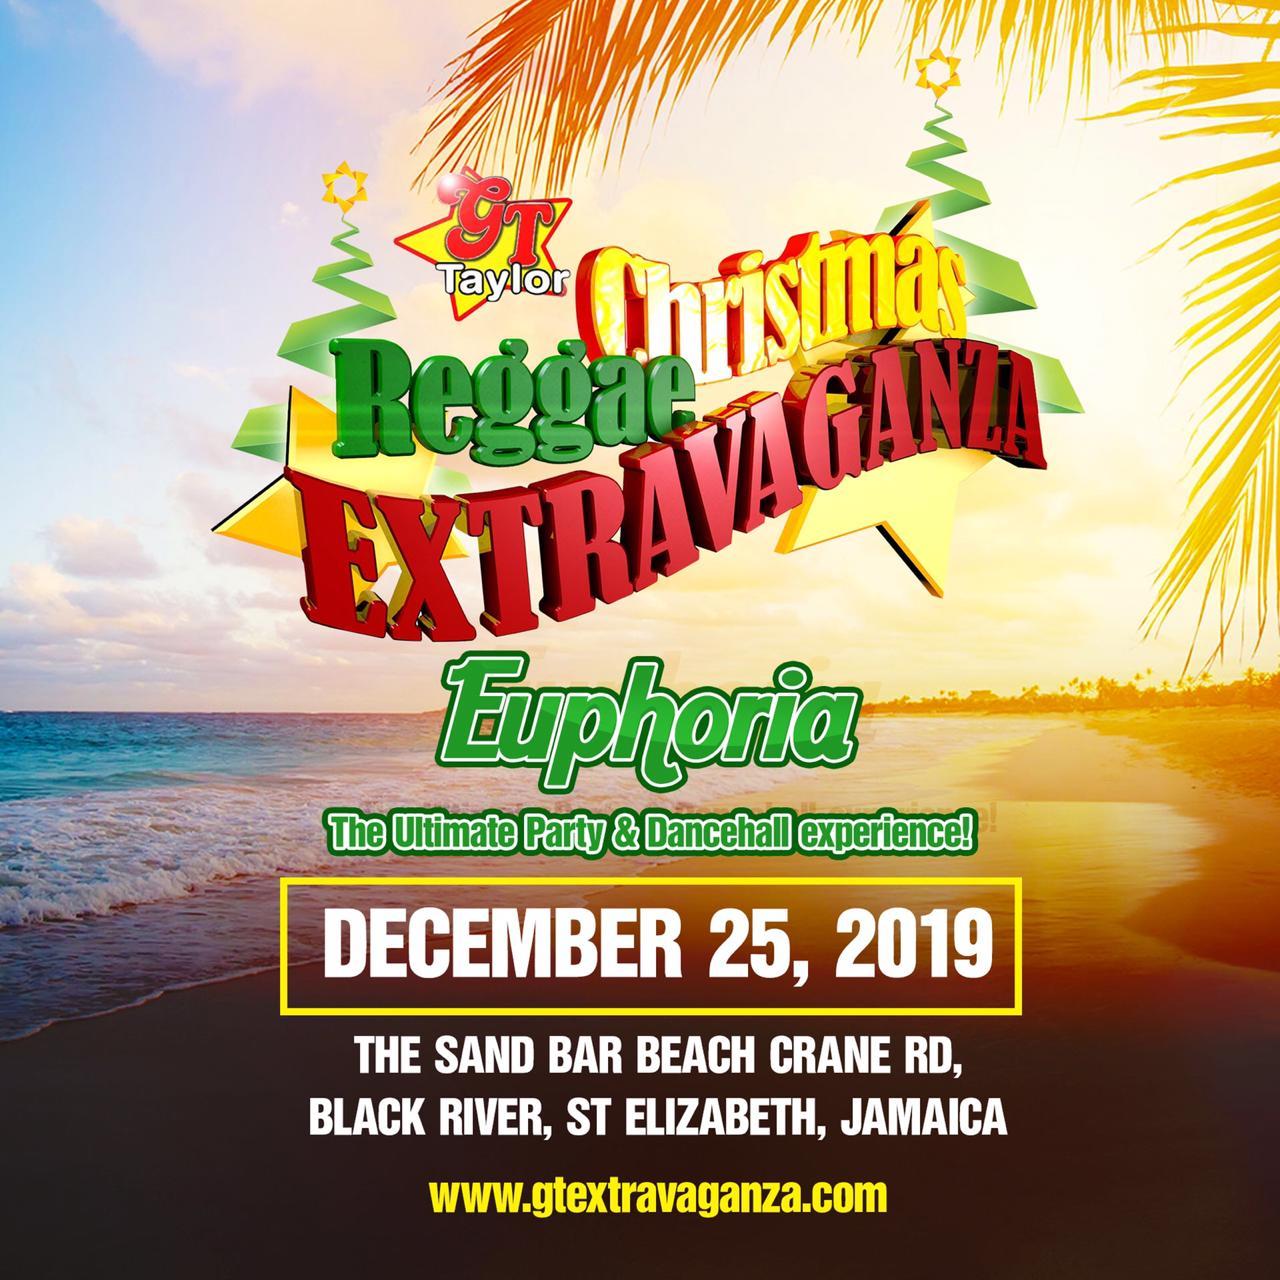 GT Taylor Reggae Christmas Extravaganza 2019